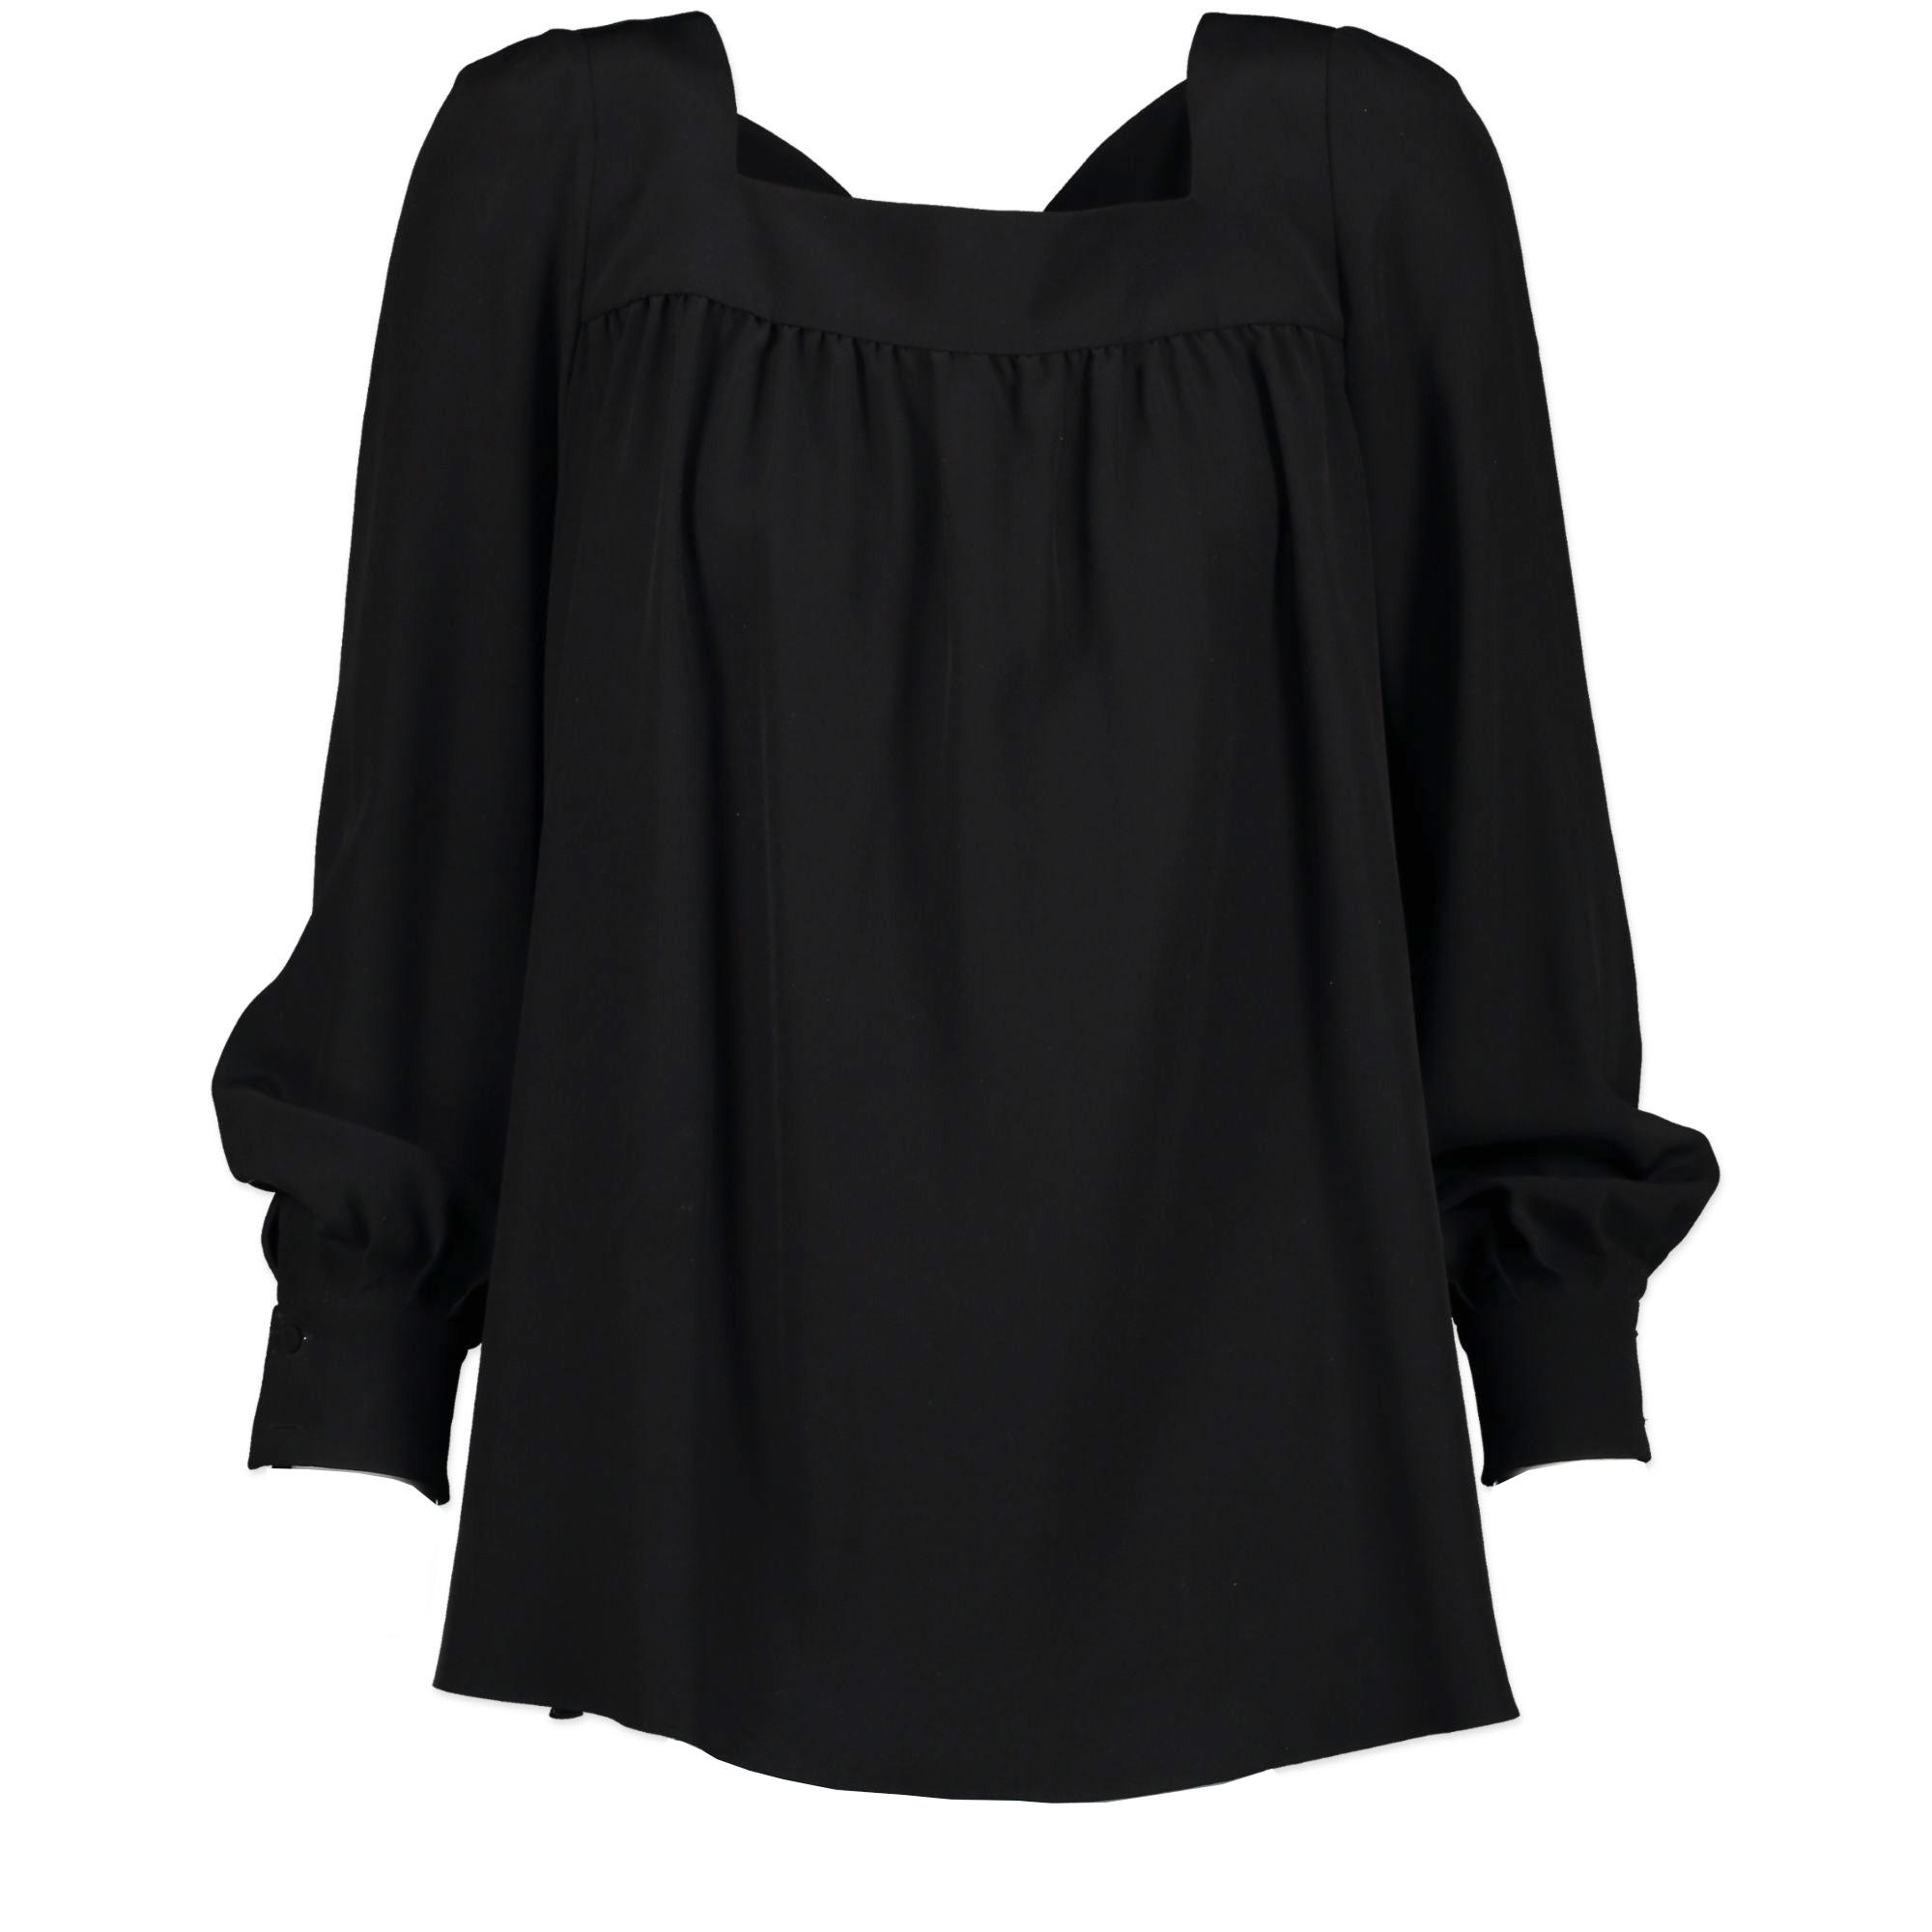 Saint Laurent Black Silk Blouse - Size 34